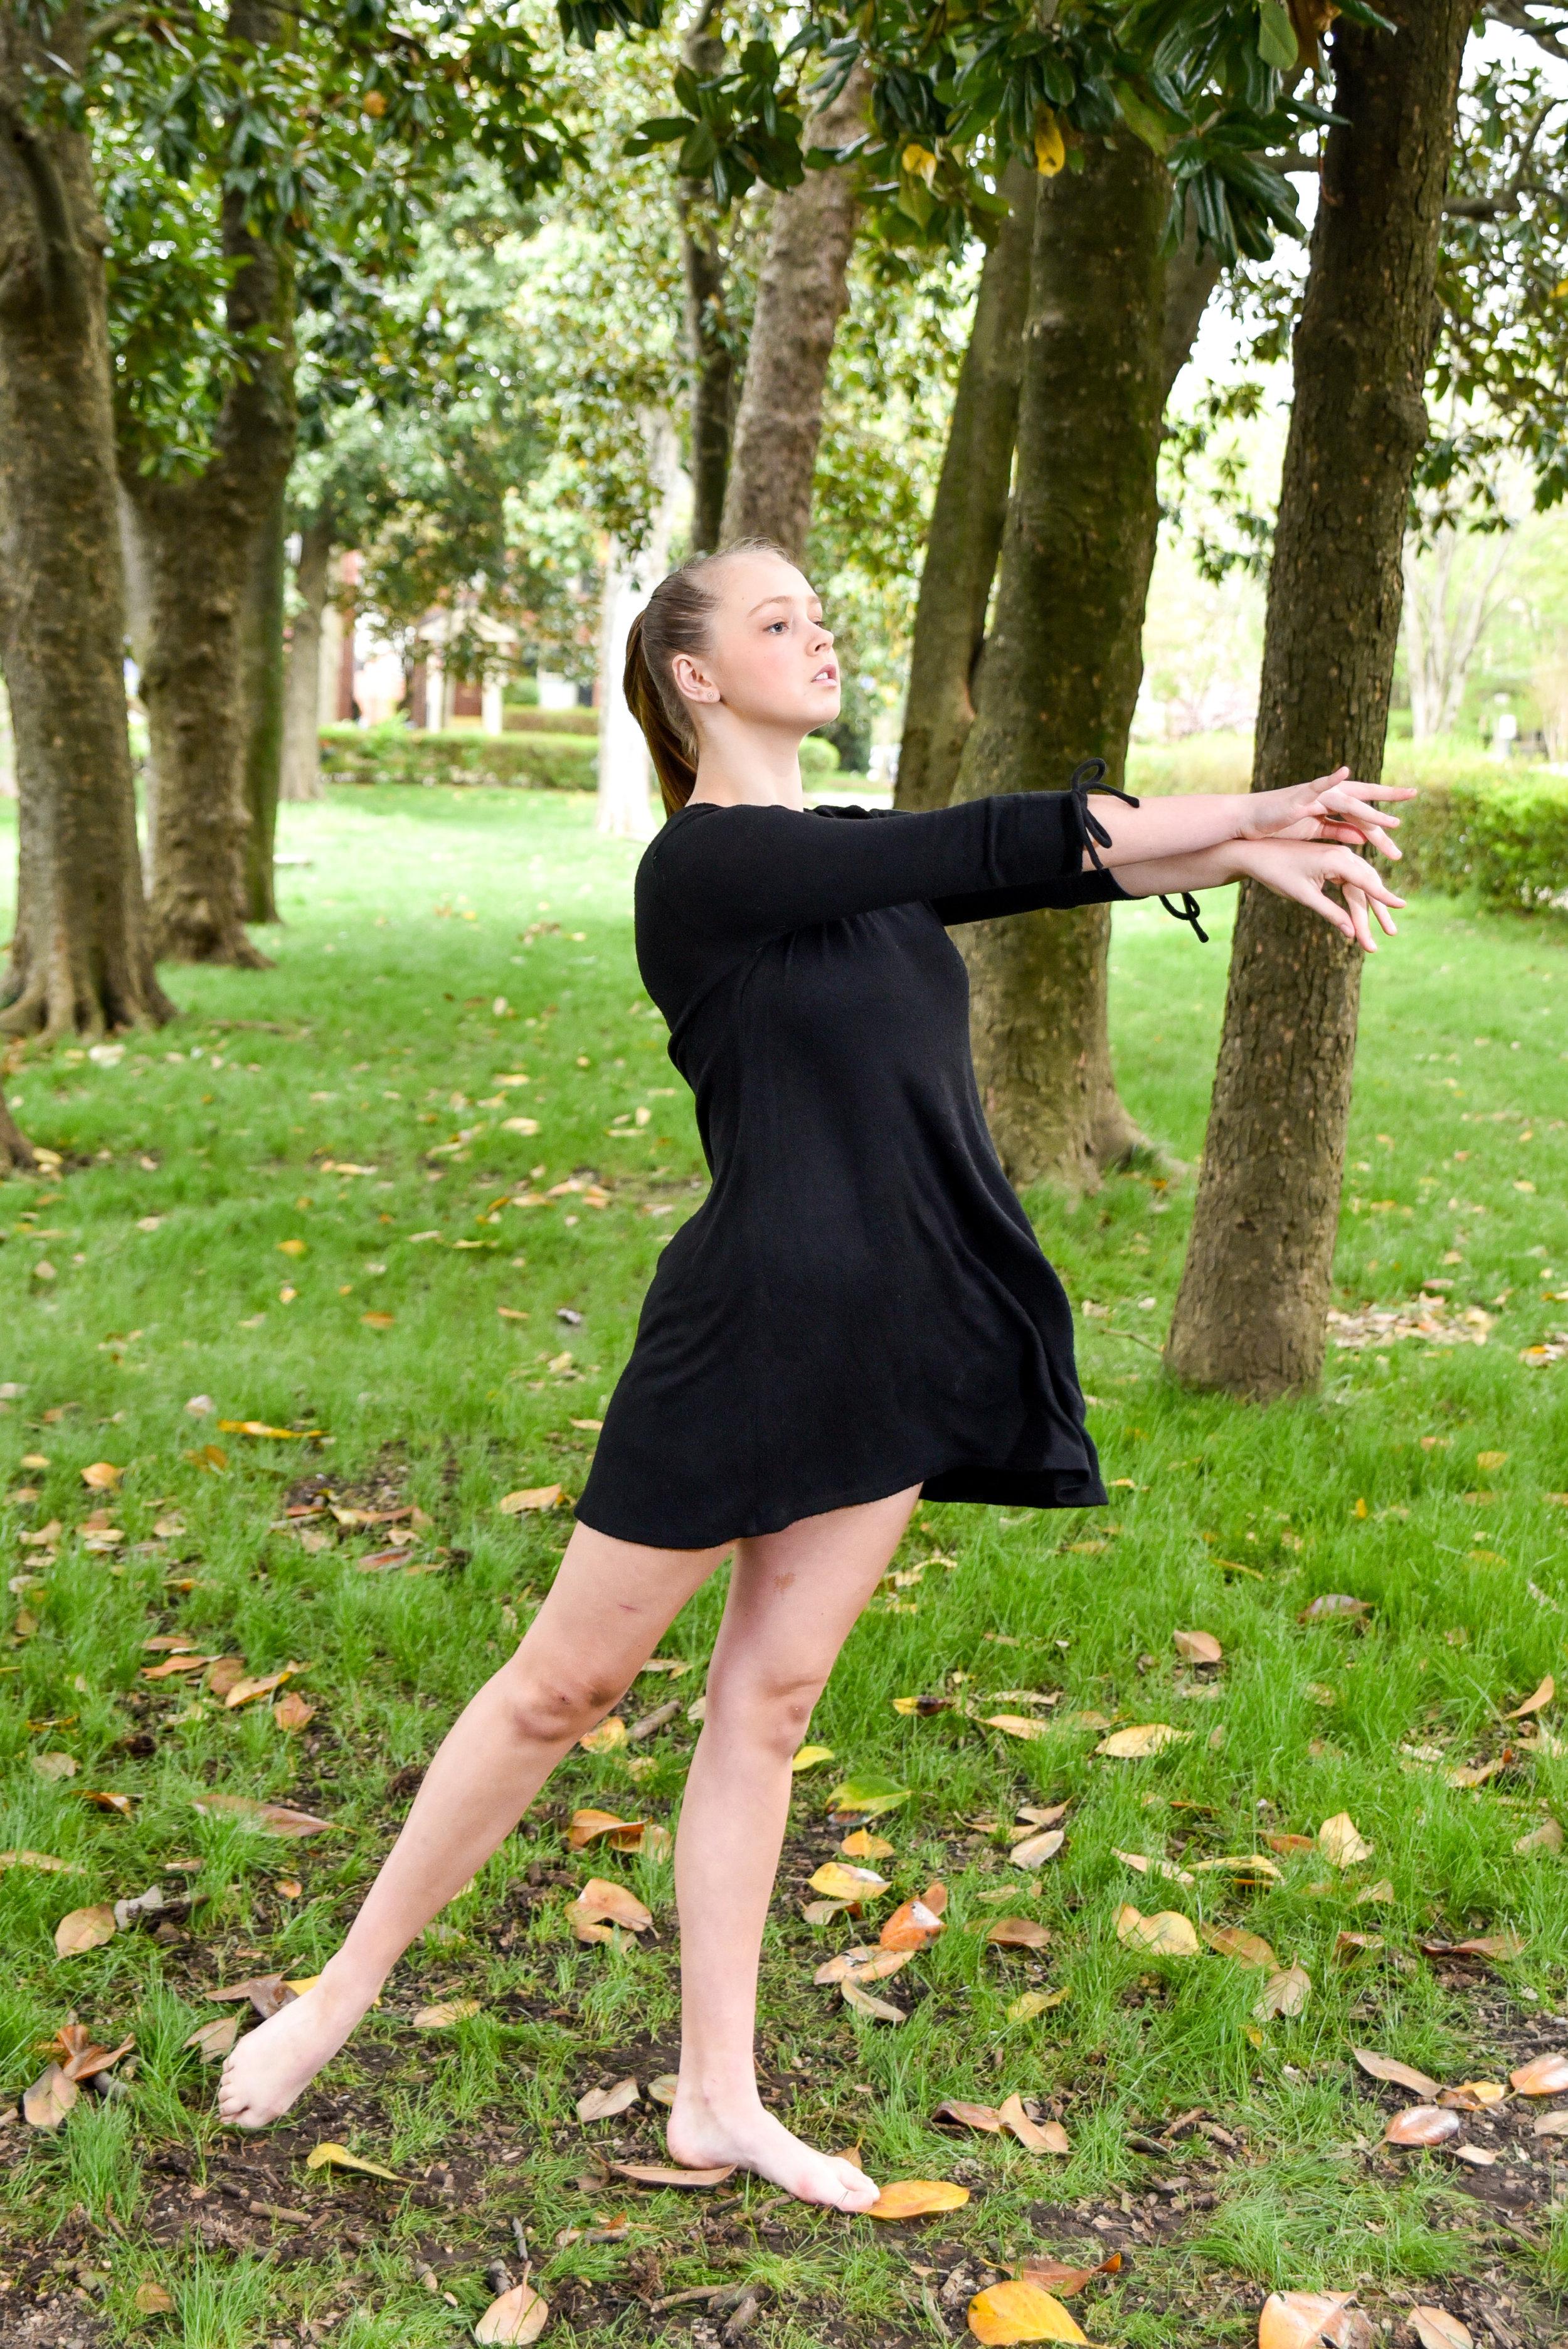 Pre-Teen Dancer